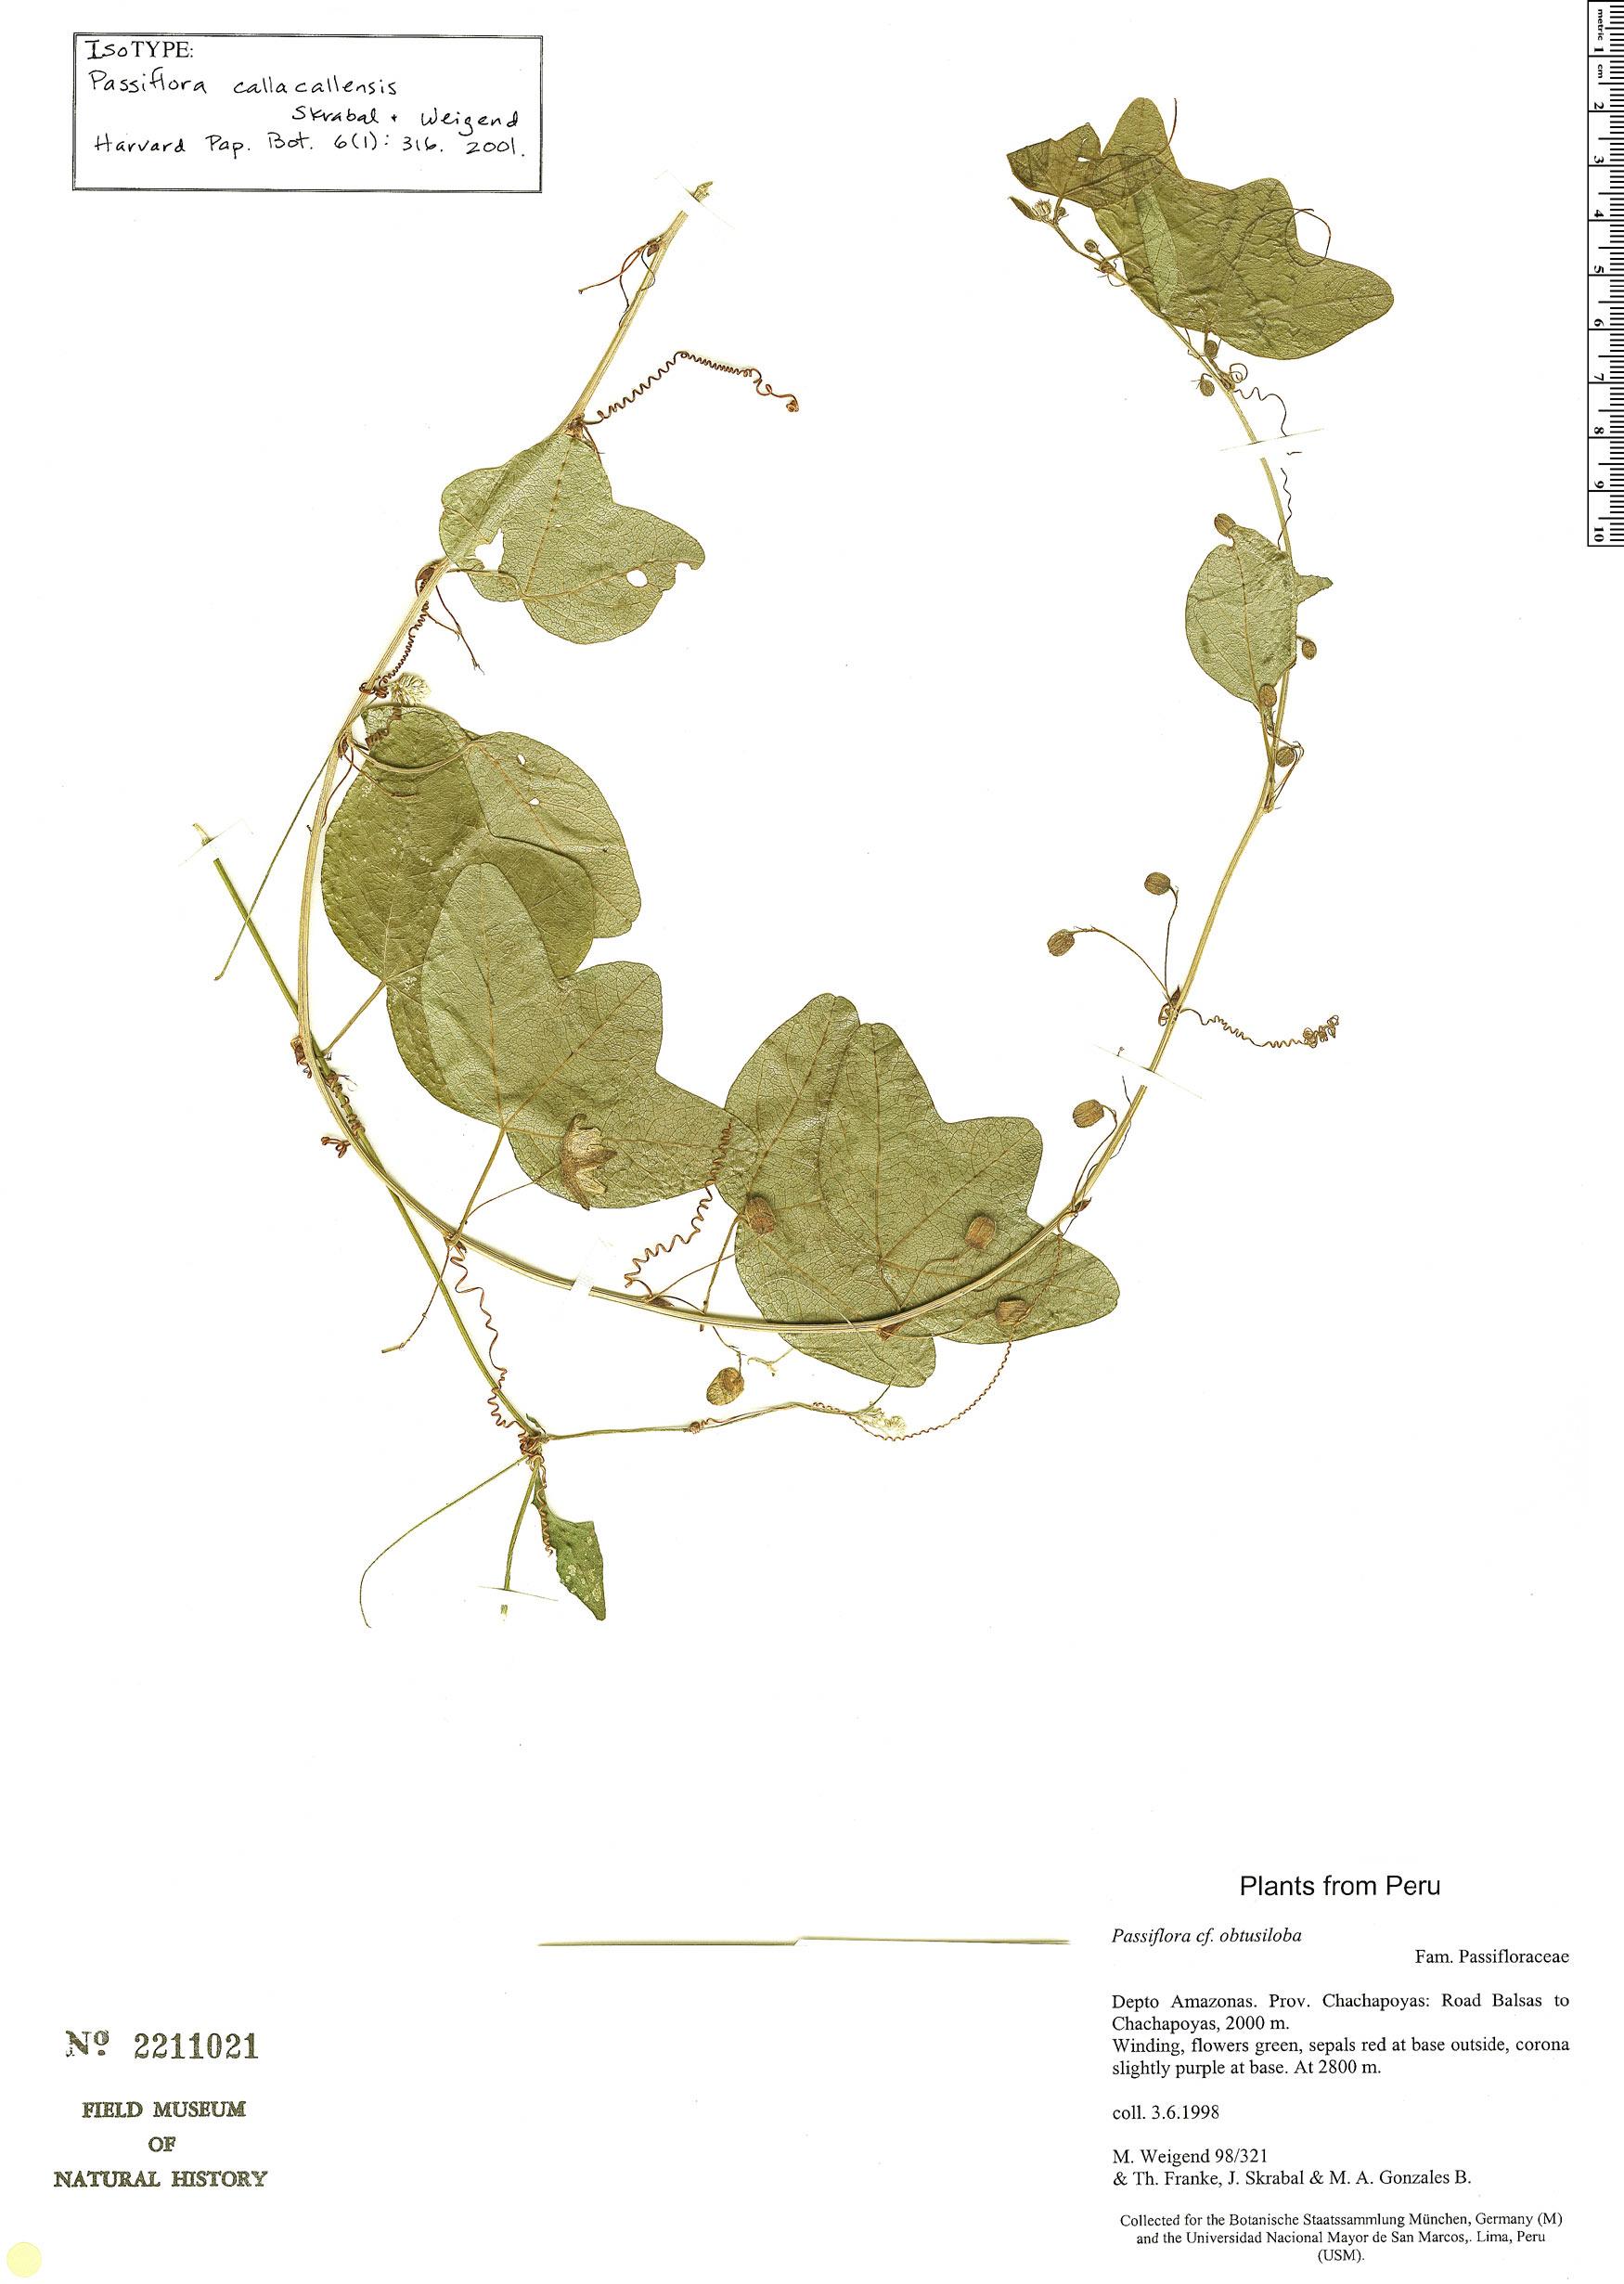 Specimen: Passiflora callacallensis